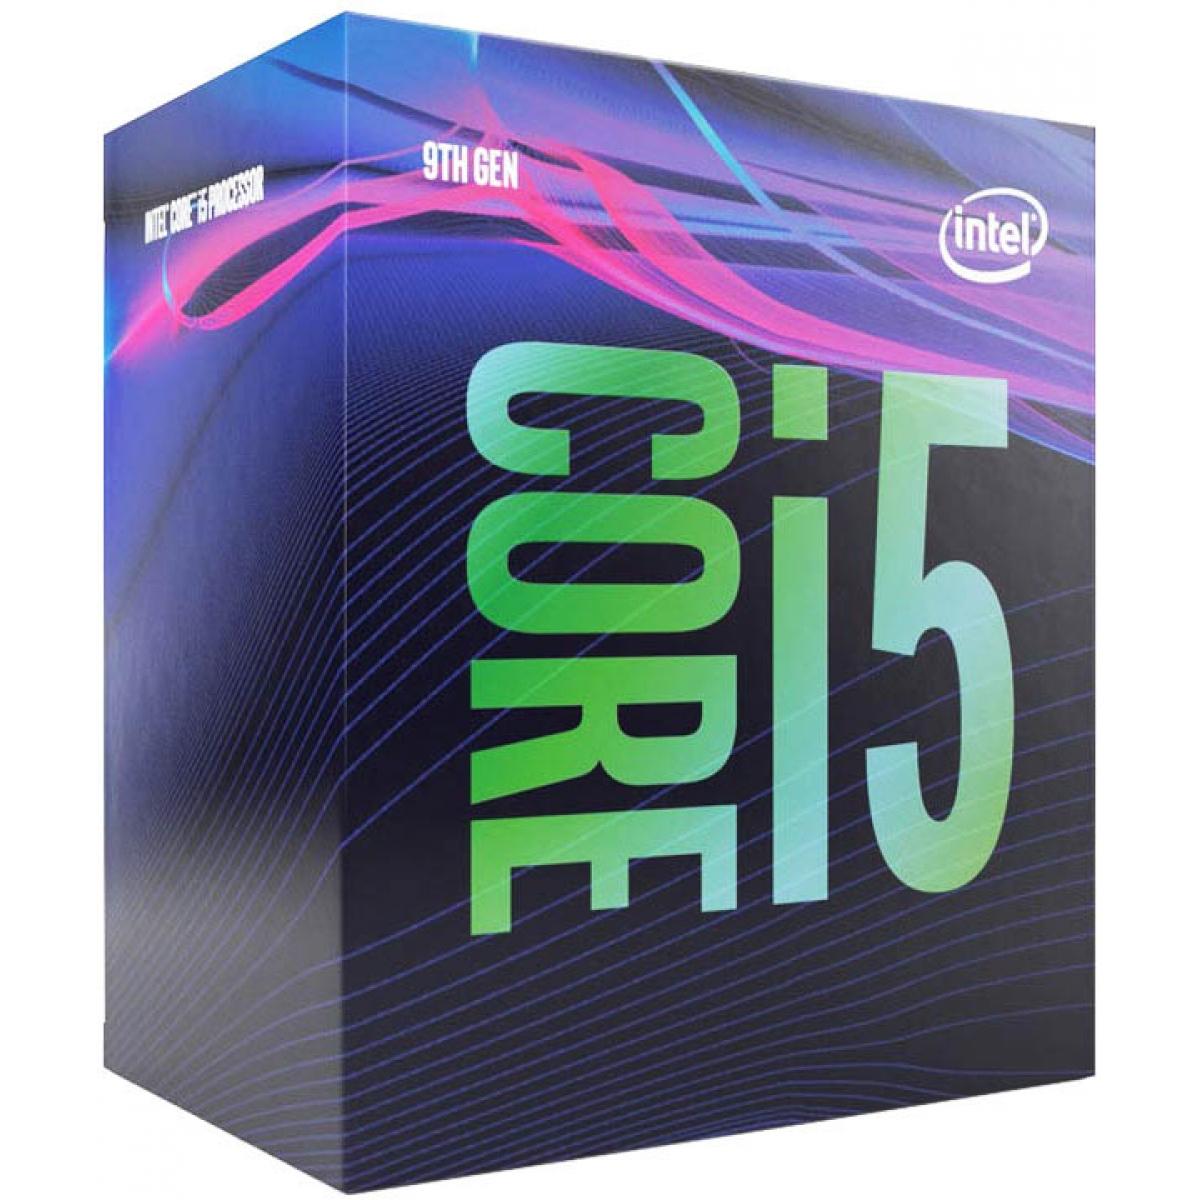 Processador Intel Core i5 9400 2.90GHz (4.10GHz Turbo), 9ª Geração, 6-Core 6-Thread, LGA 1151, BX80684I59400